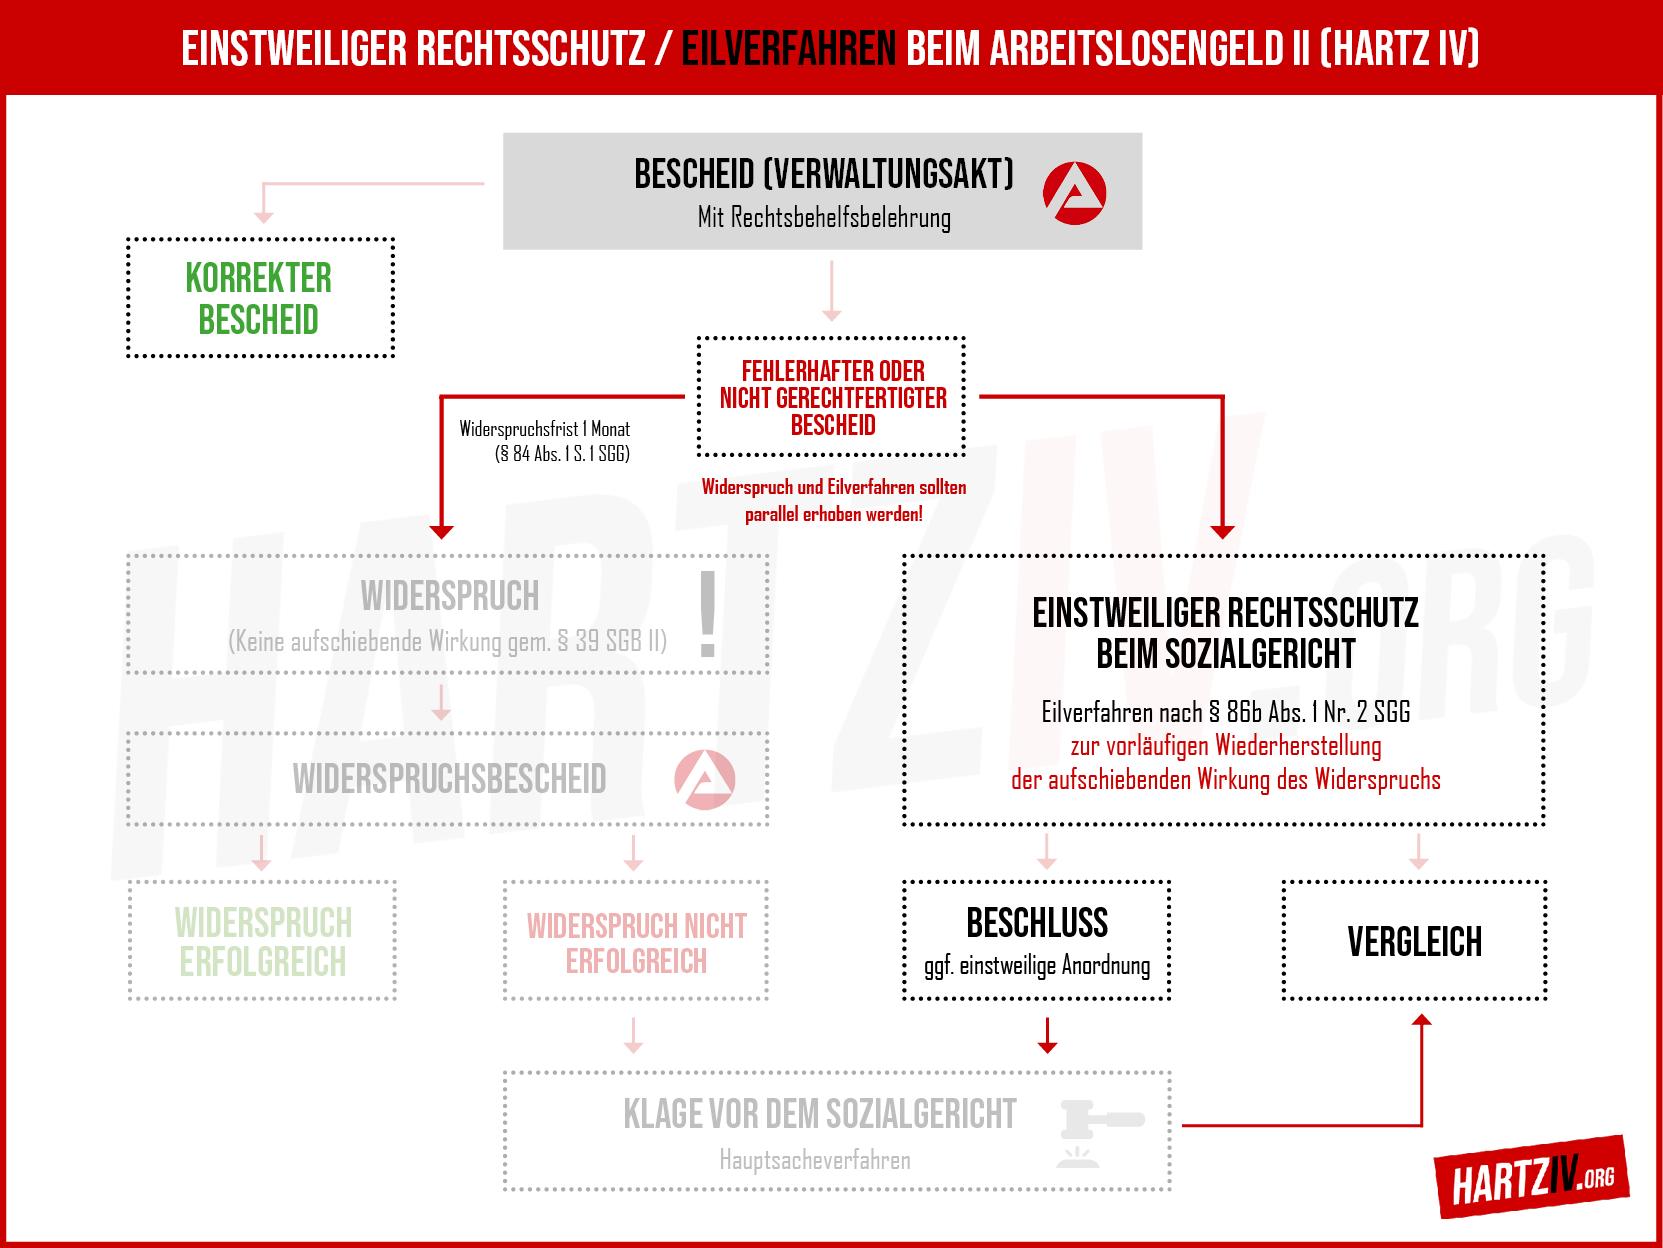 Hartz IV - Eilverfahren